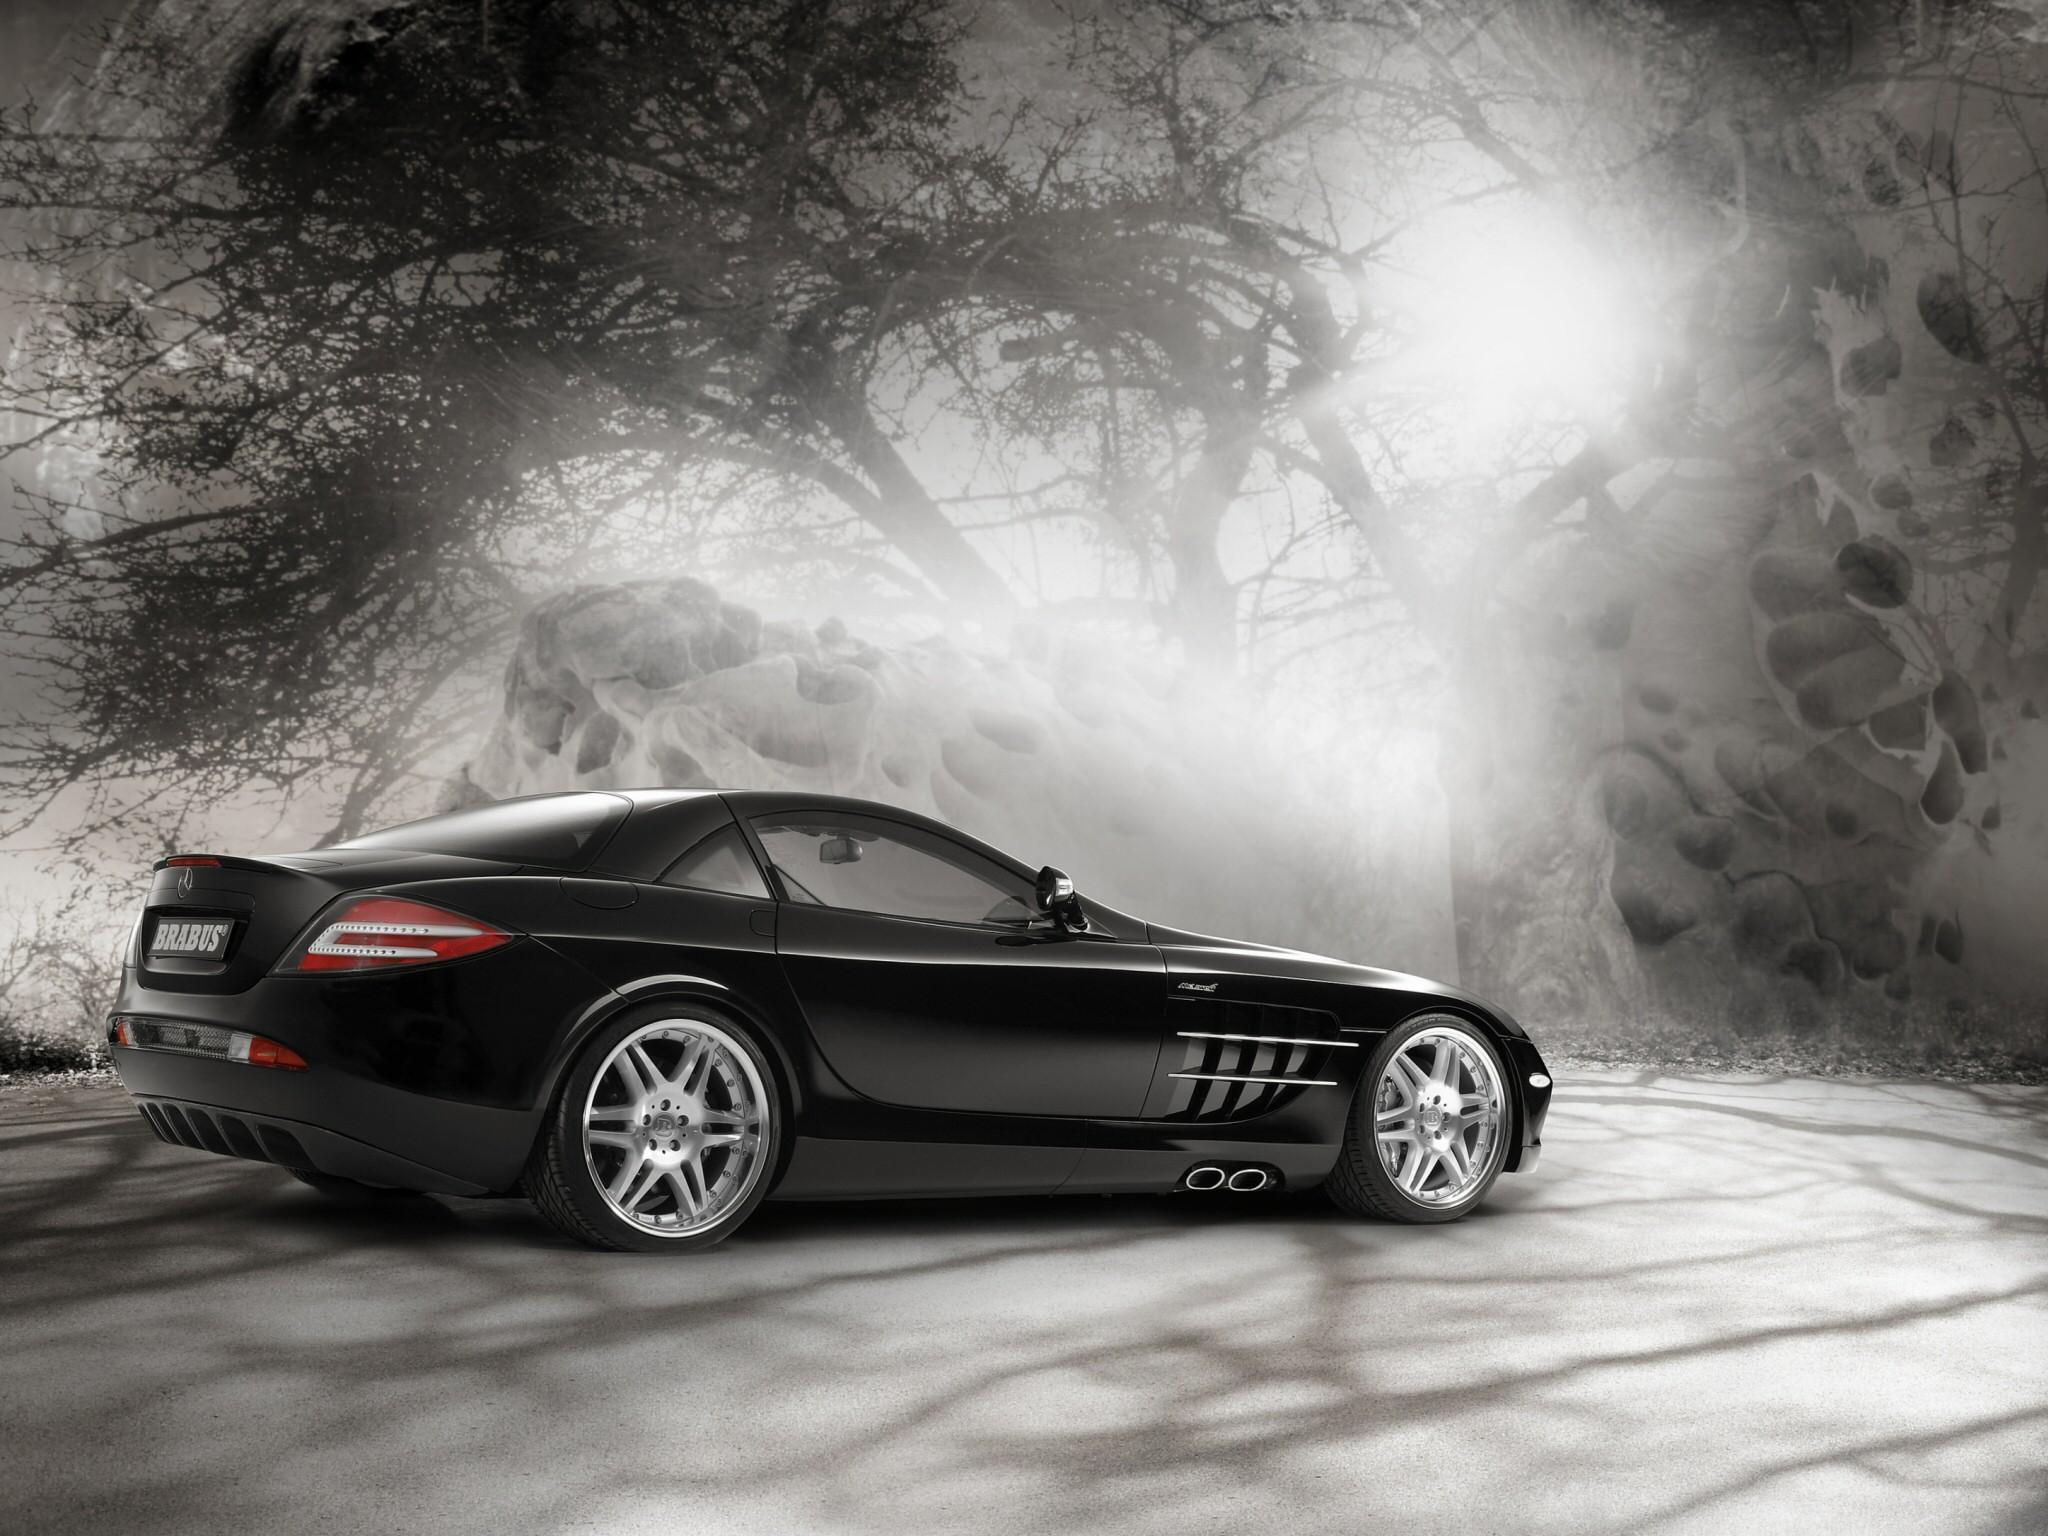 Vehículos - Mercedes-Benz Slr  - Mercedes Fondo de Pantalla